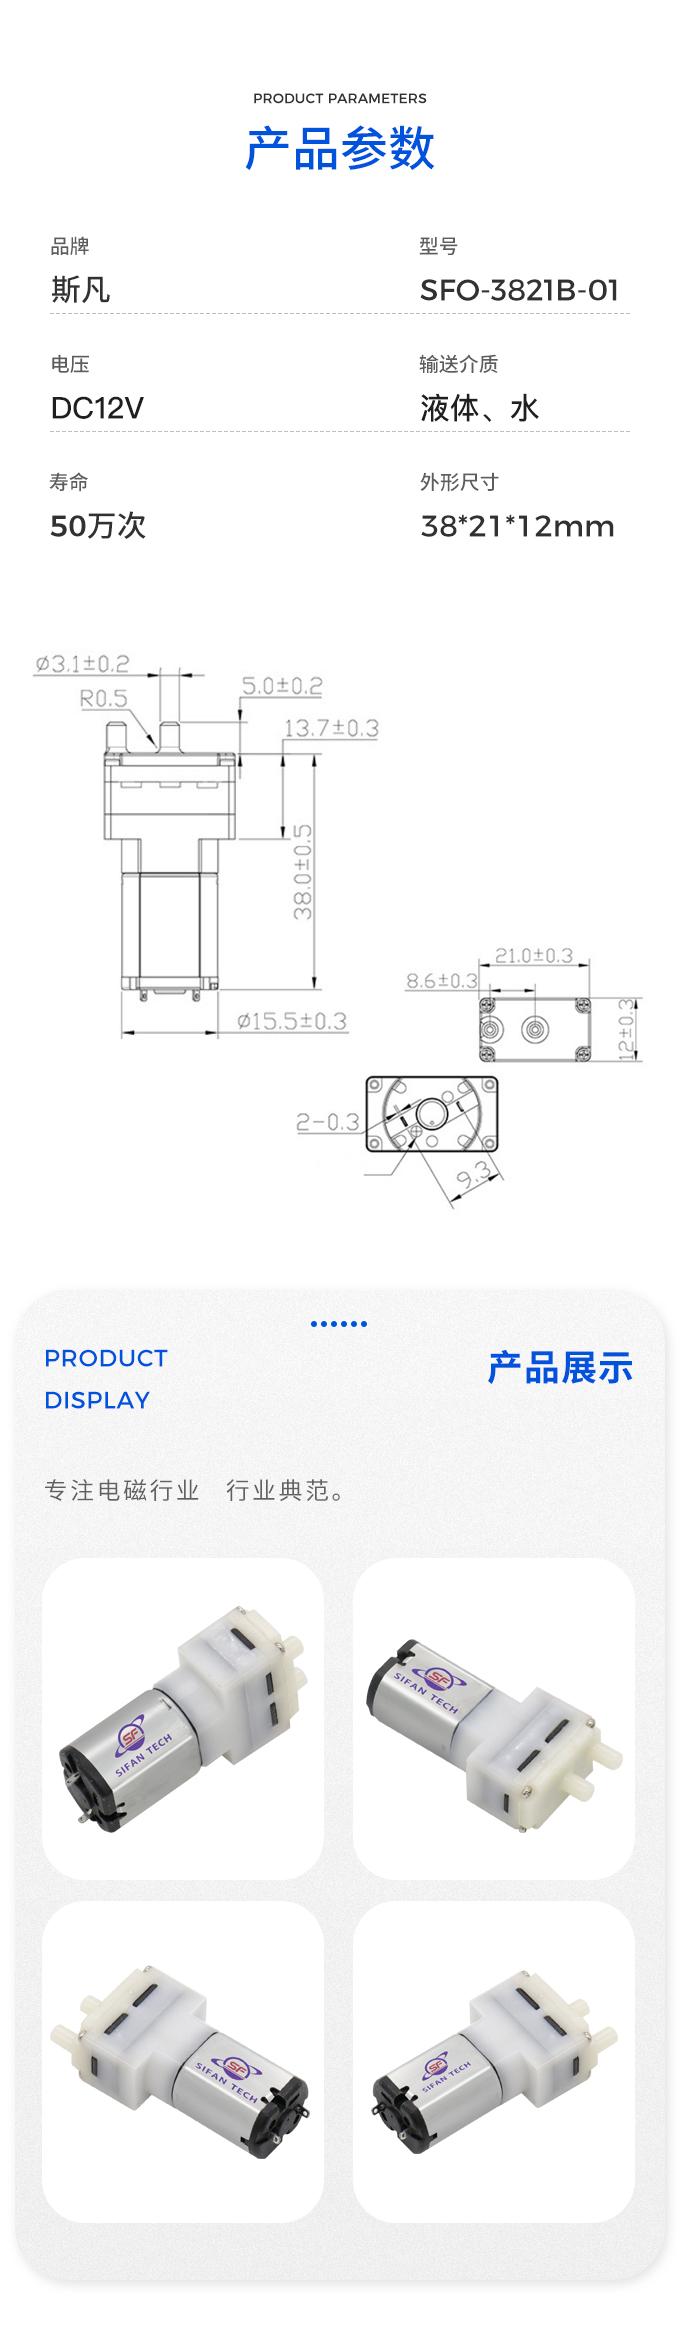 SFO-3821B-01(1).jpg